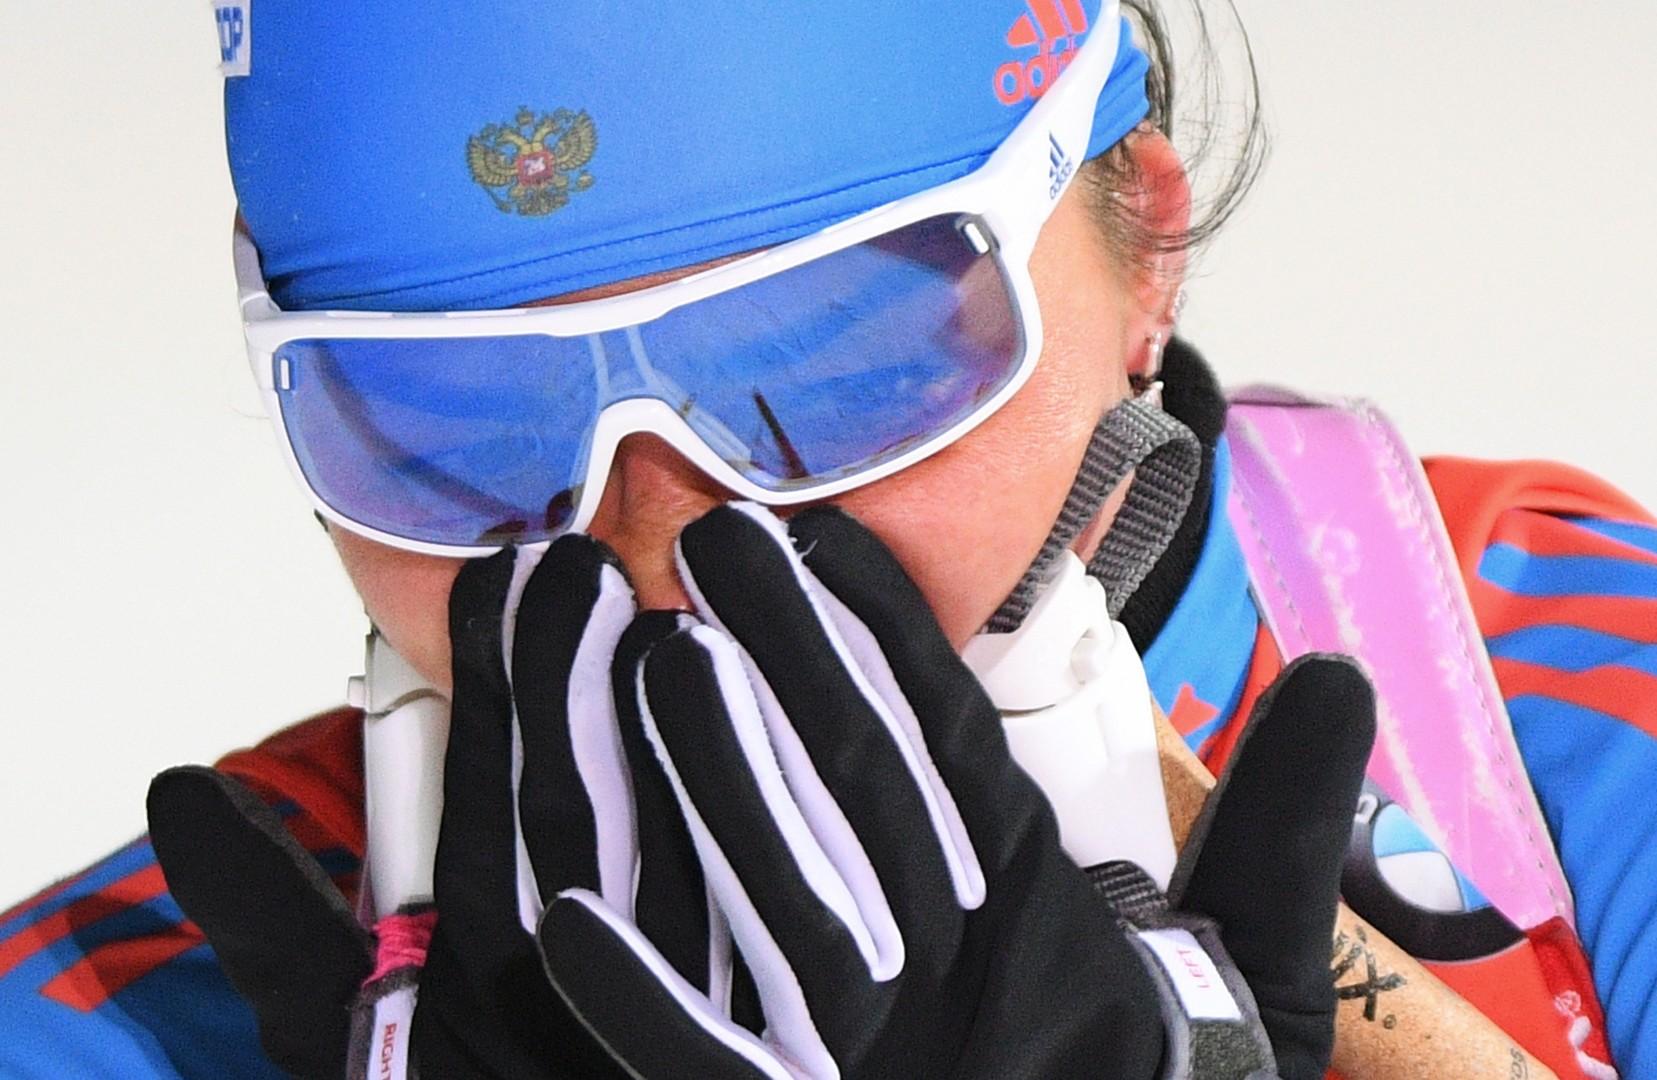 Медали в ответ на скандал: российские биатлонисты завоевали две награды на Кубке мира